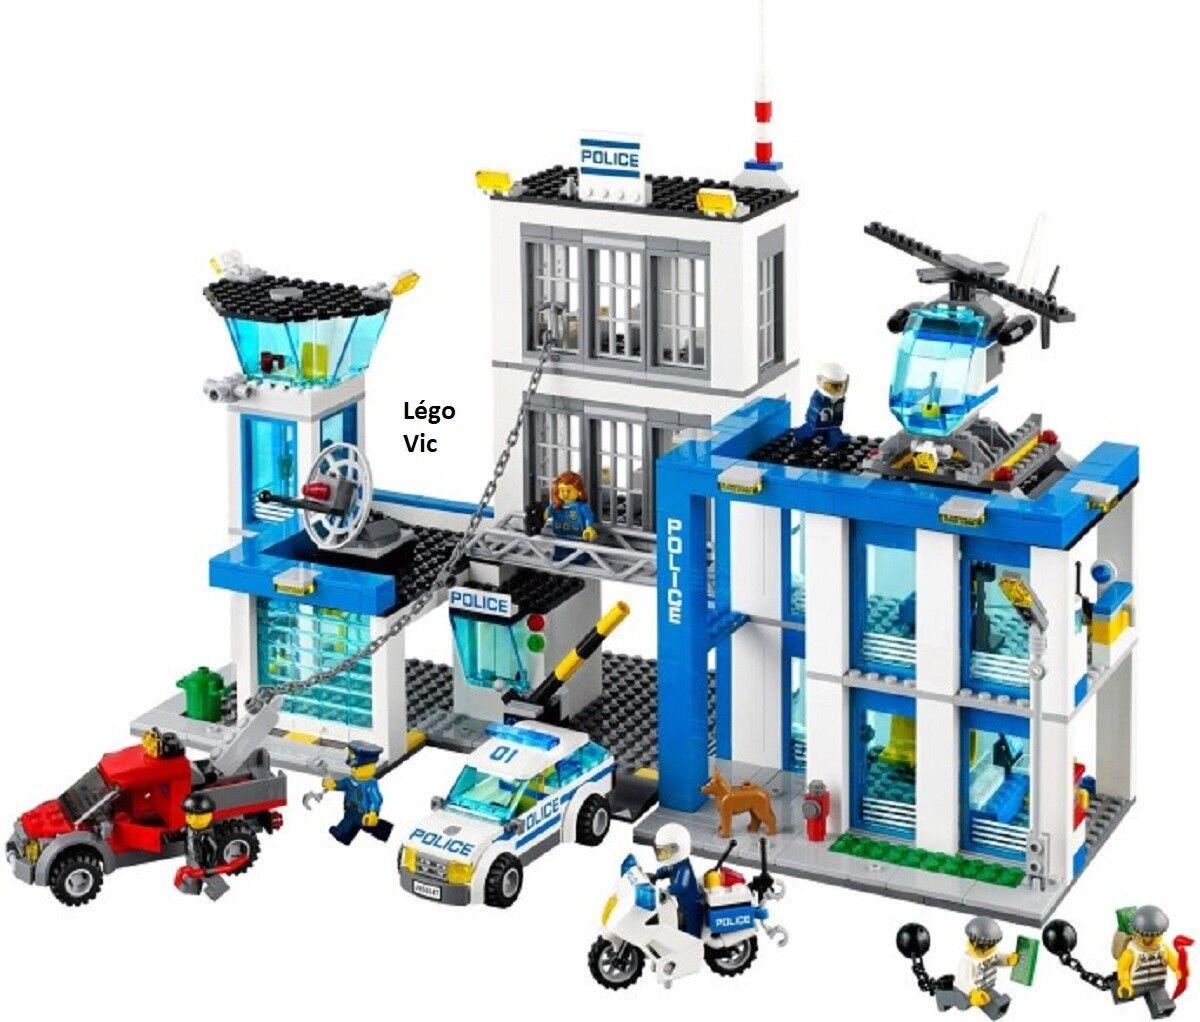 Lego 60047 City Commissariat de Police Station complet de 2014 -CG13